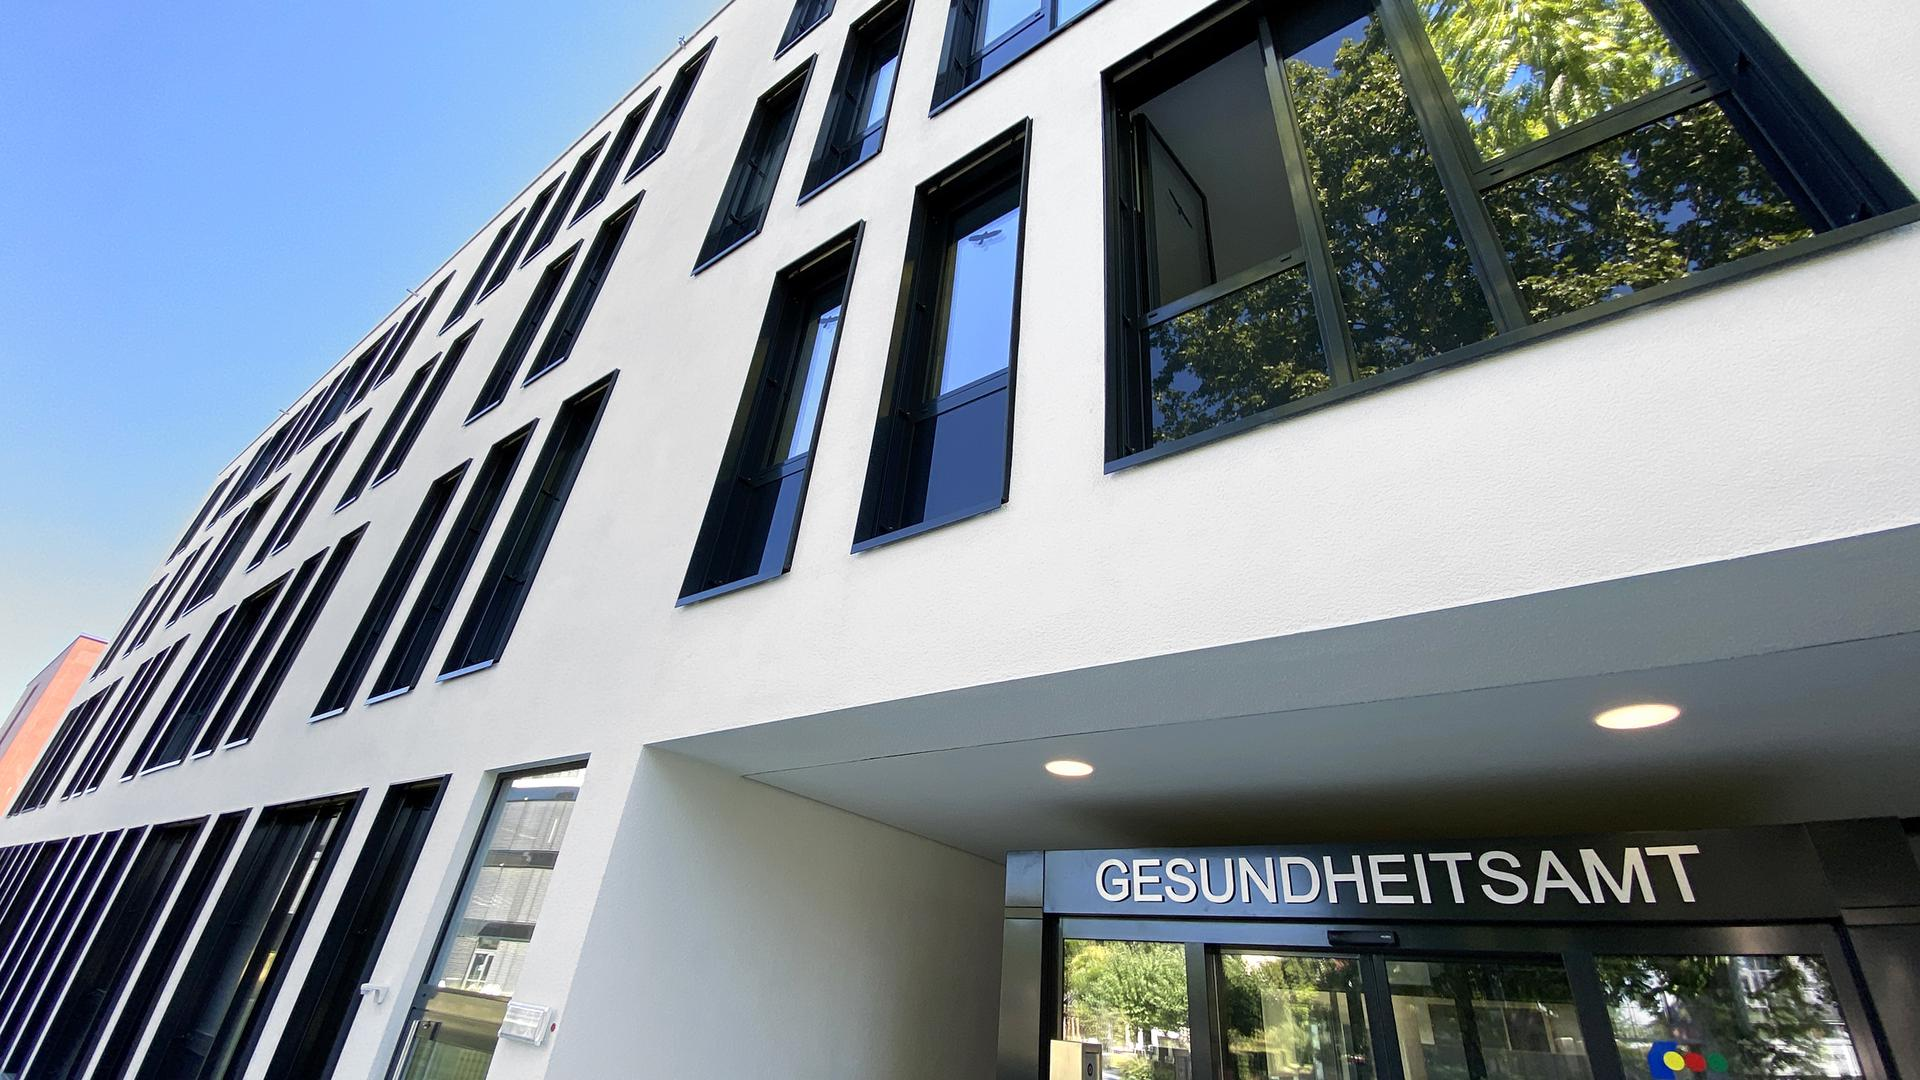 Gesundheitsamt Karlsruhe Corona